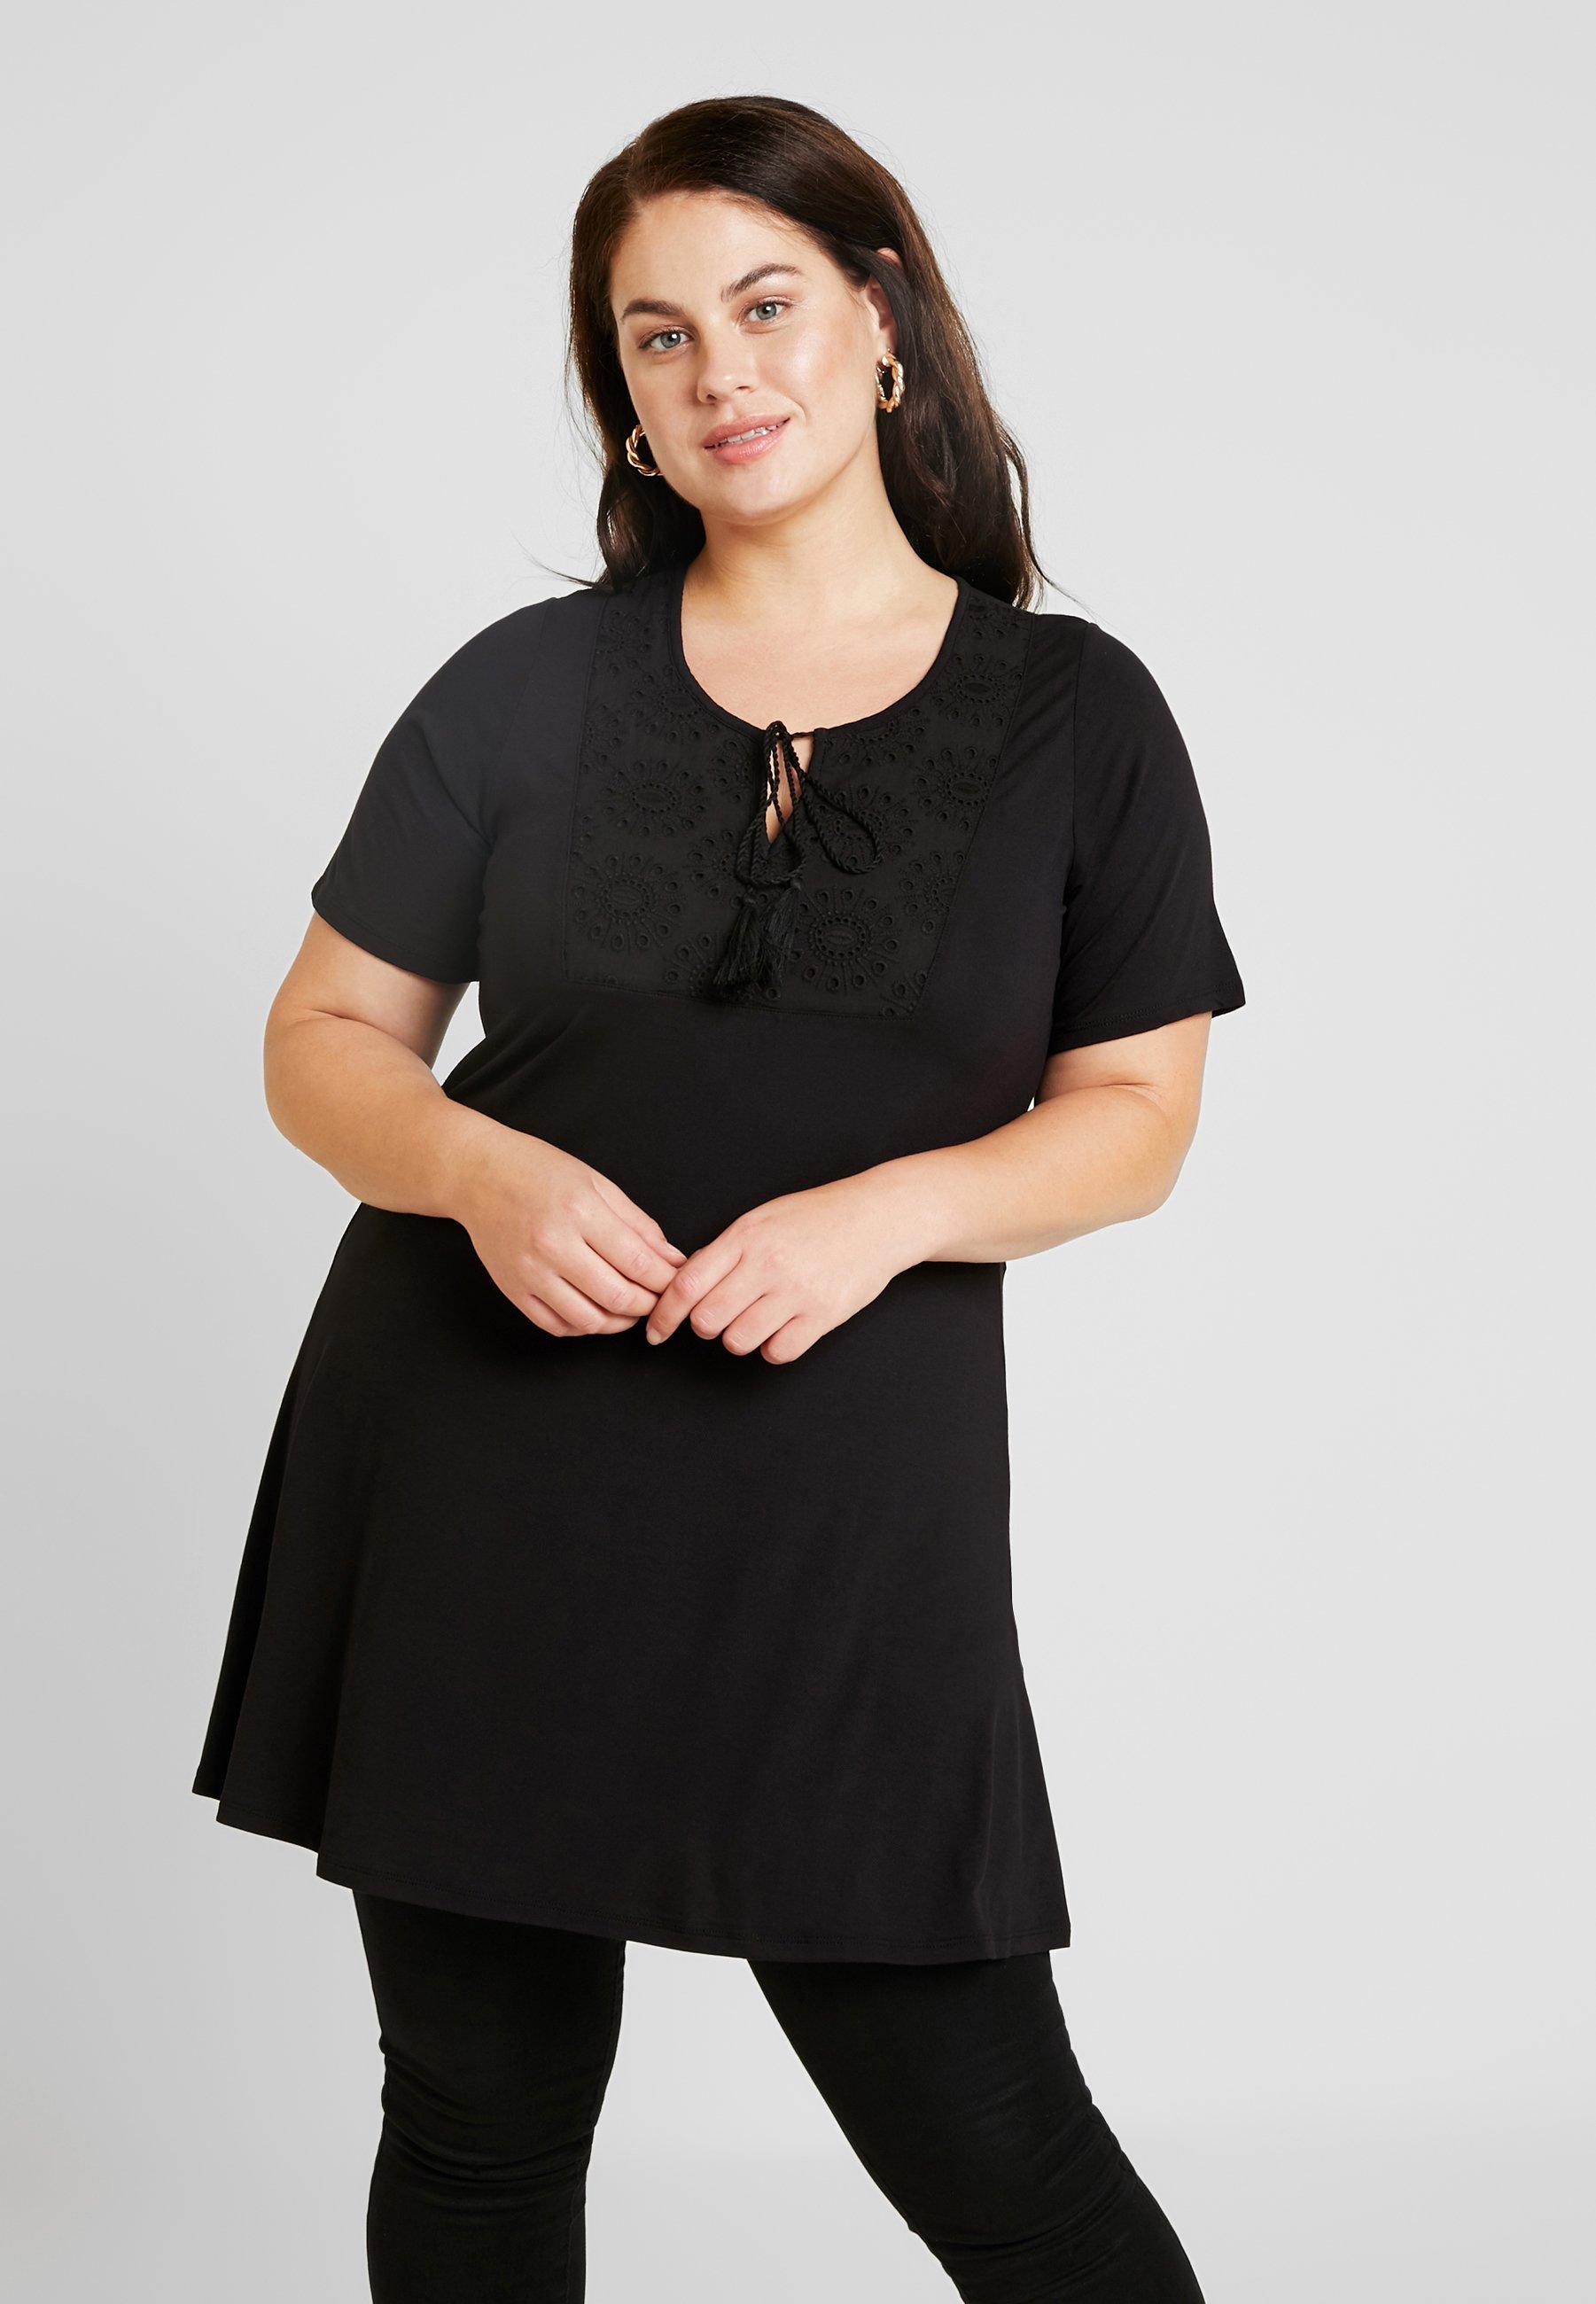 Imprimé Trim shirt Black Evans TunicT Broderie 8knO0wP